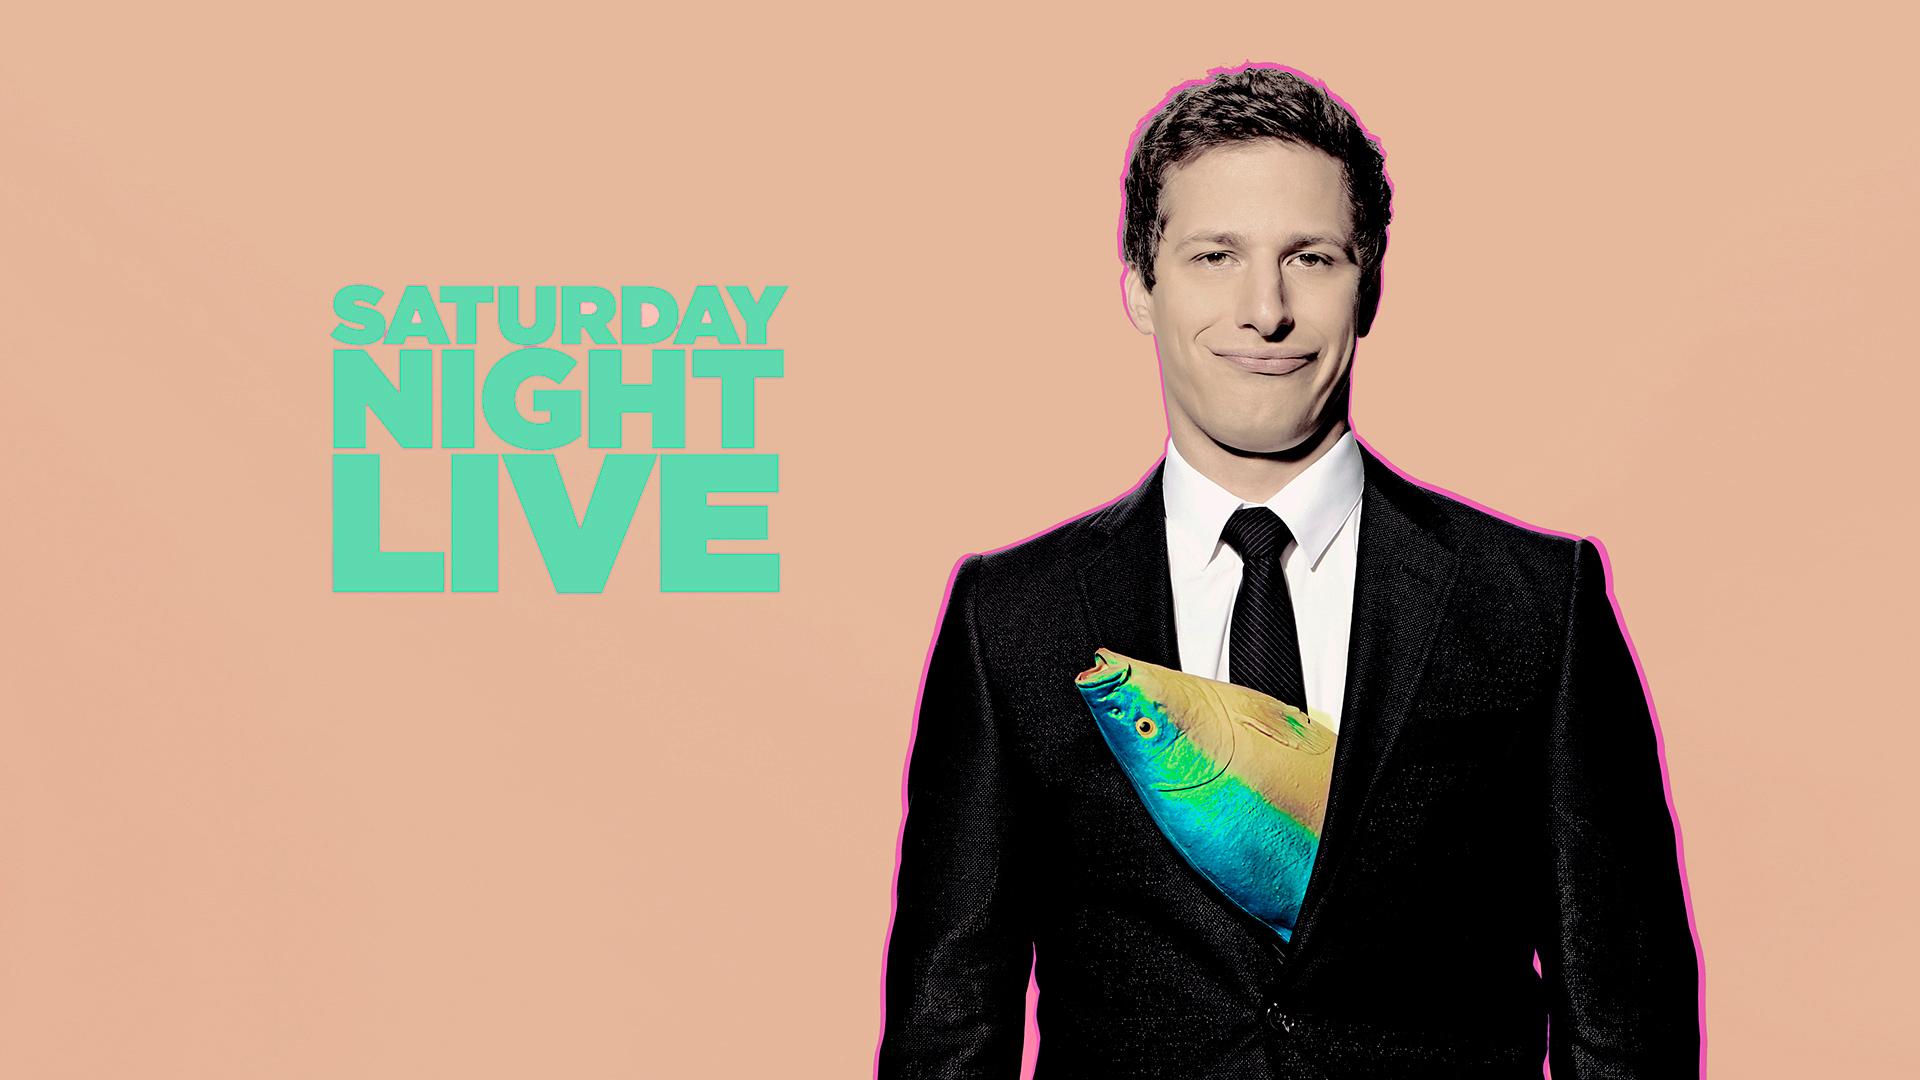 Saturday Night Live Wallpaper 9   1920 X 1080 stmednet 1920x1080